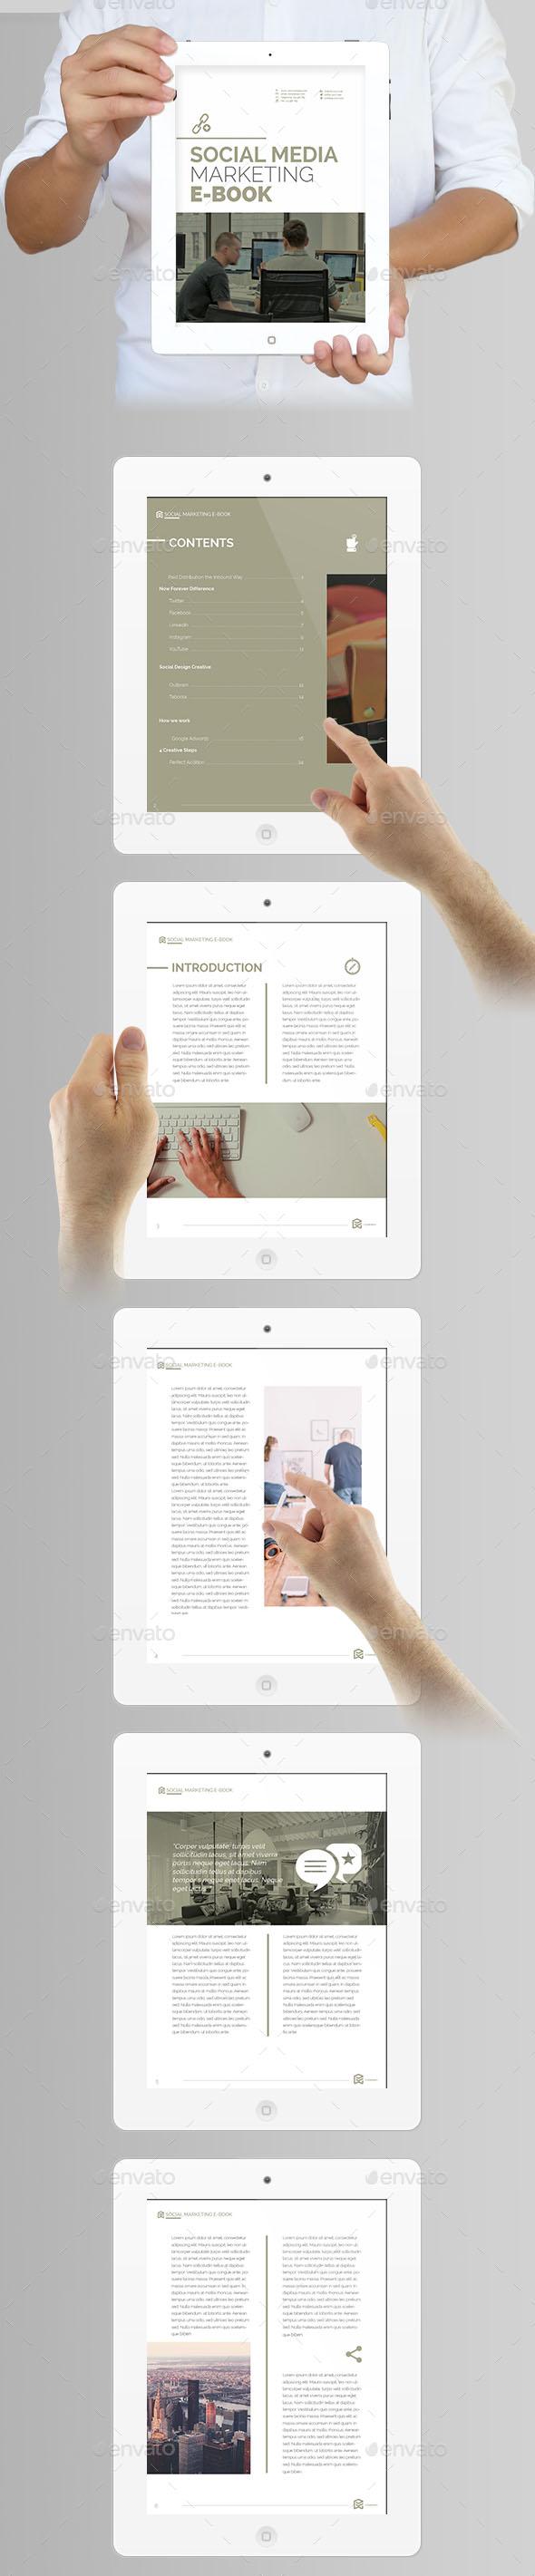 40 most impressive ebook mockups psd indesign get for print. Black Bedroom Furniture Sets. Home Design Ideas